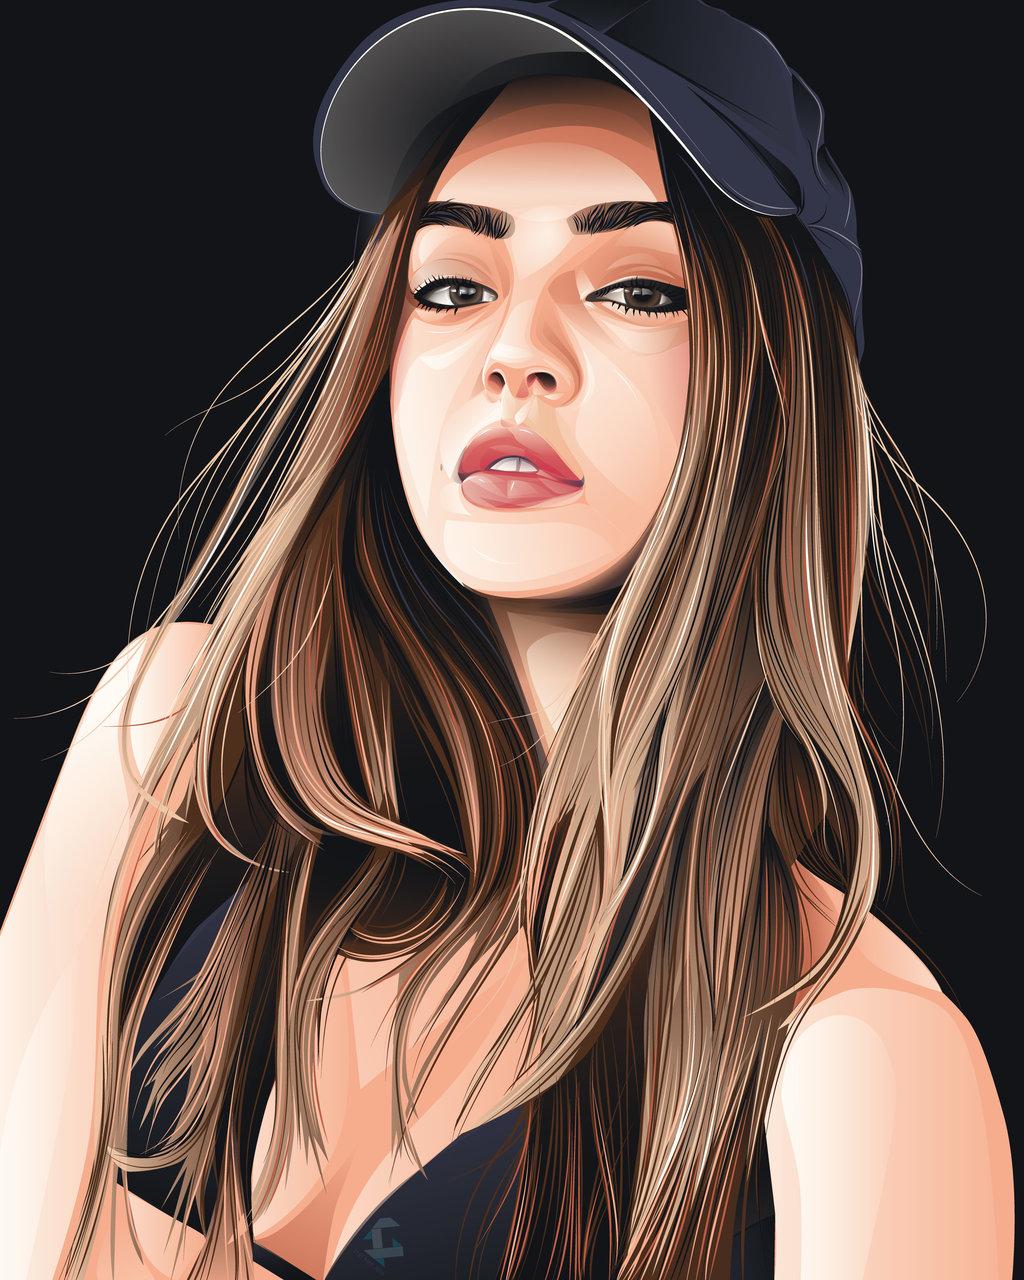 Lily Maymac by kyouzins on DeviantArt